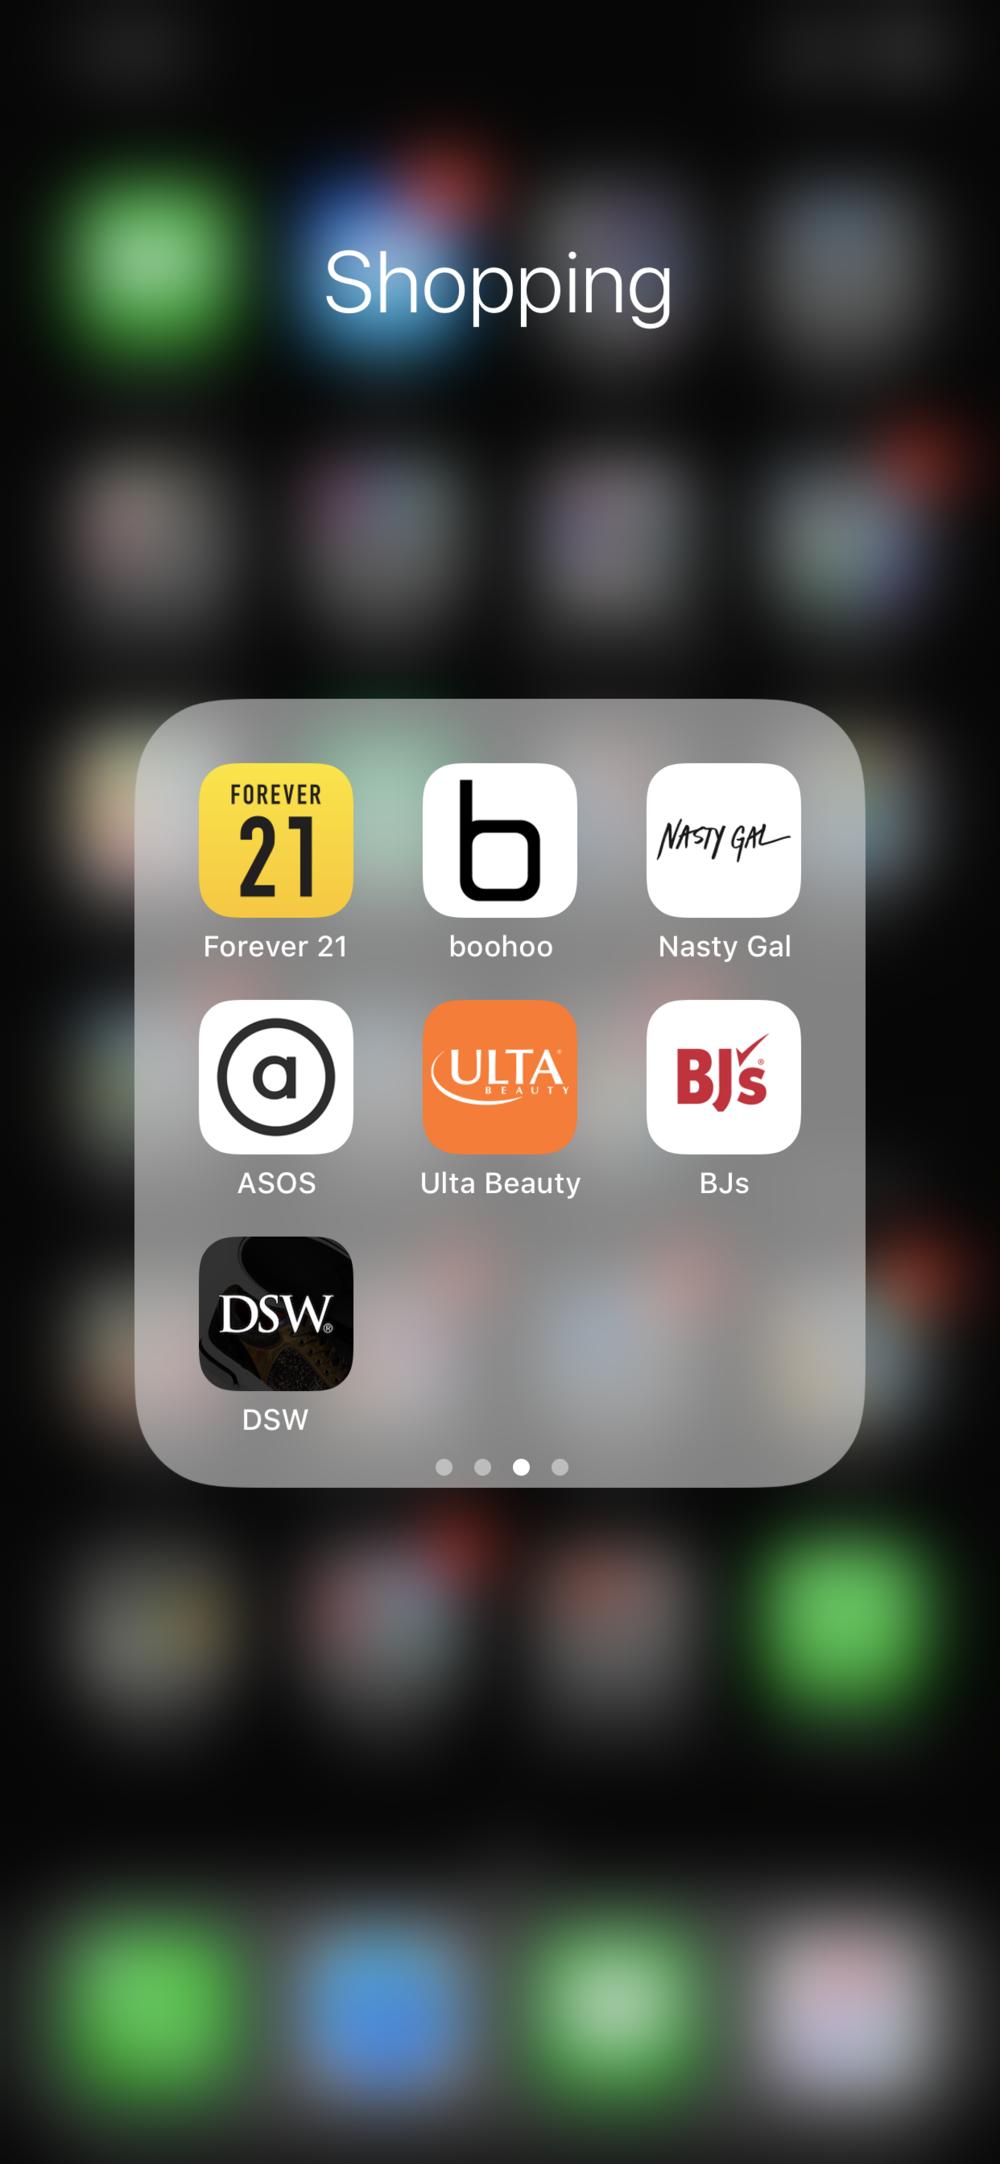 shopping screenshot 3.png